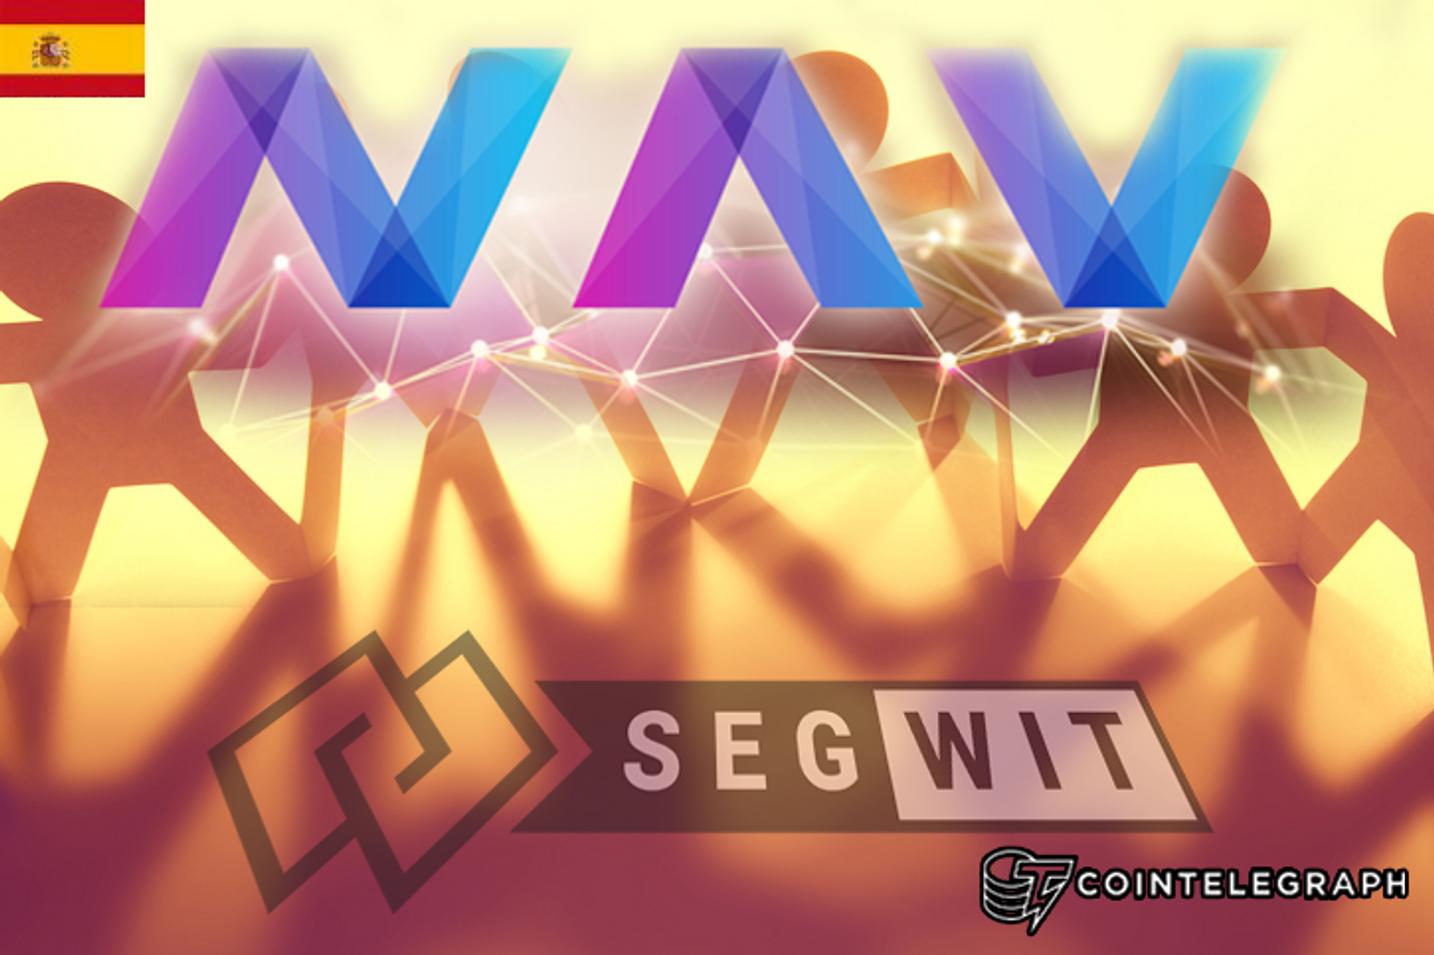 MIentras Bitcoin duda: NAVCOIN SE APUNTA A SEGWIT CON SU NUEVA WALLET